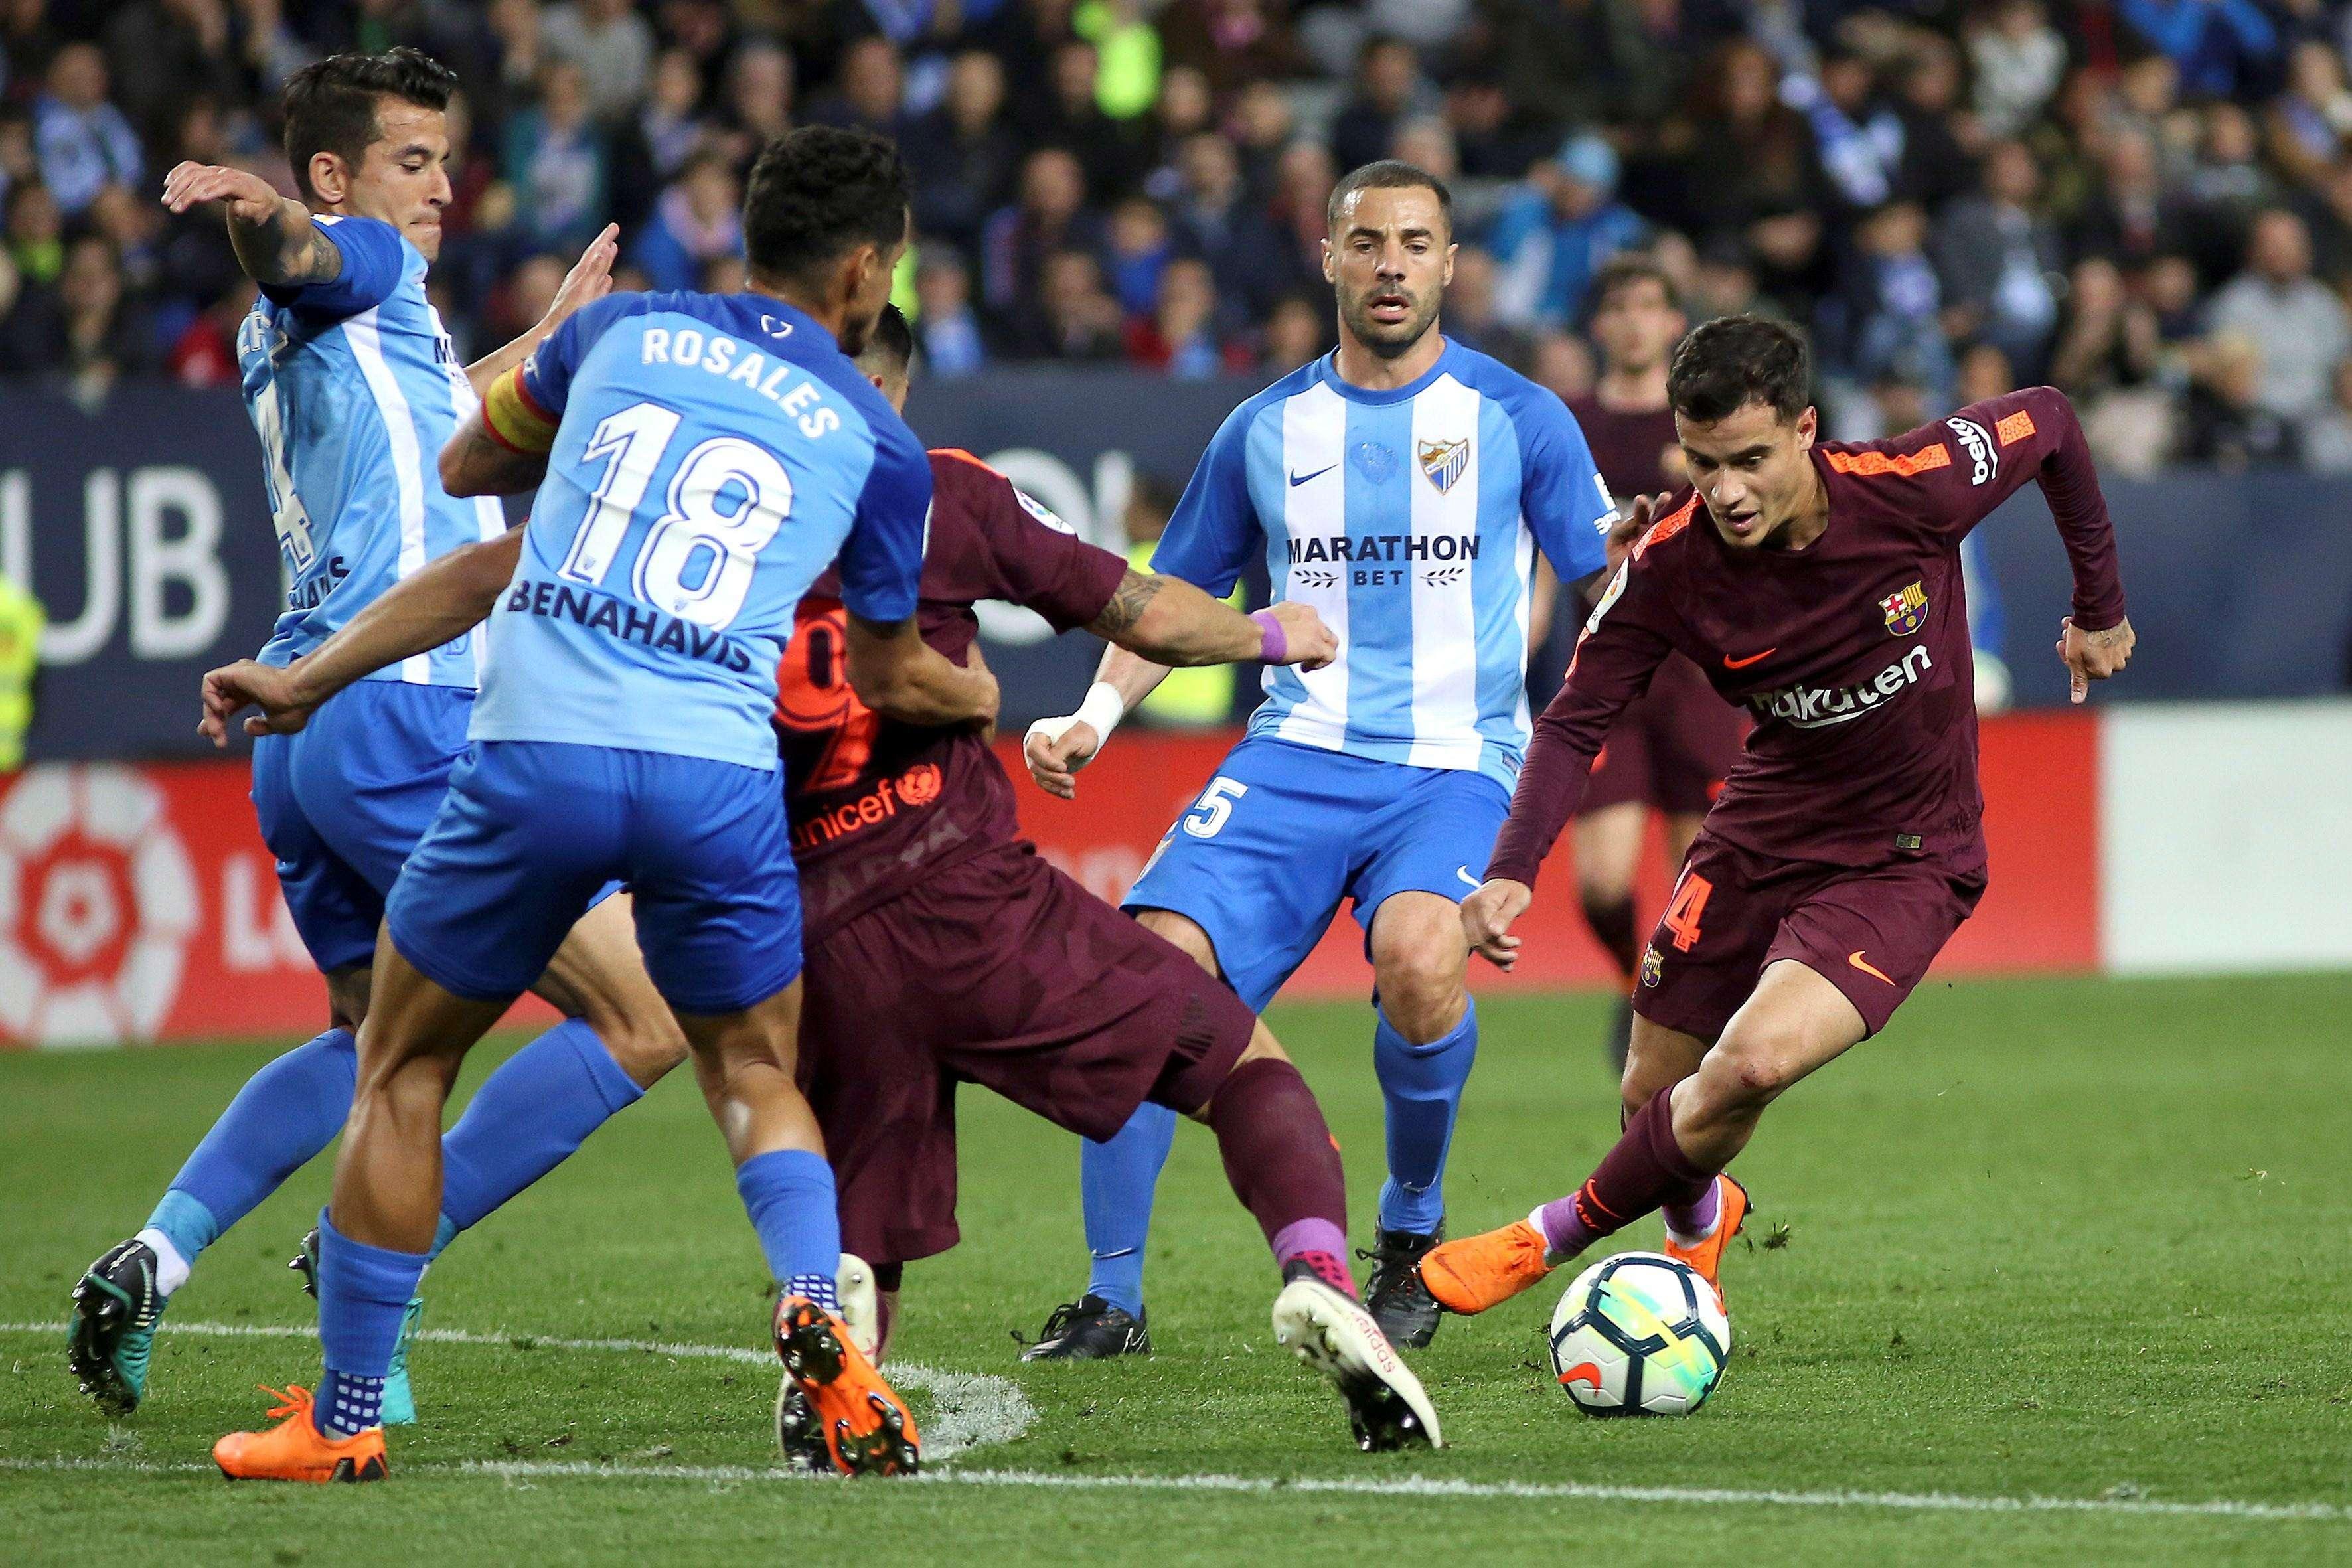 El delantero brasileño del Barcelona Philippe Coutinho (d) se lleva el balón ante varios rivales del Málaga. EFE/Daniel Pérez